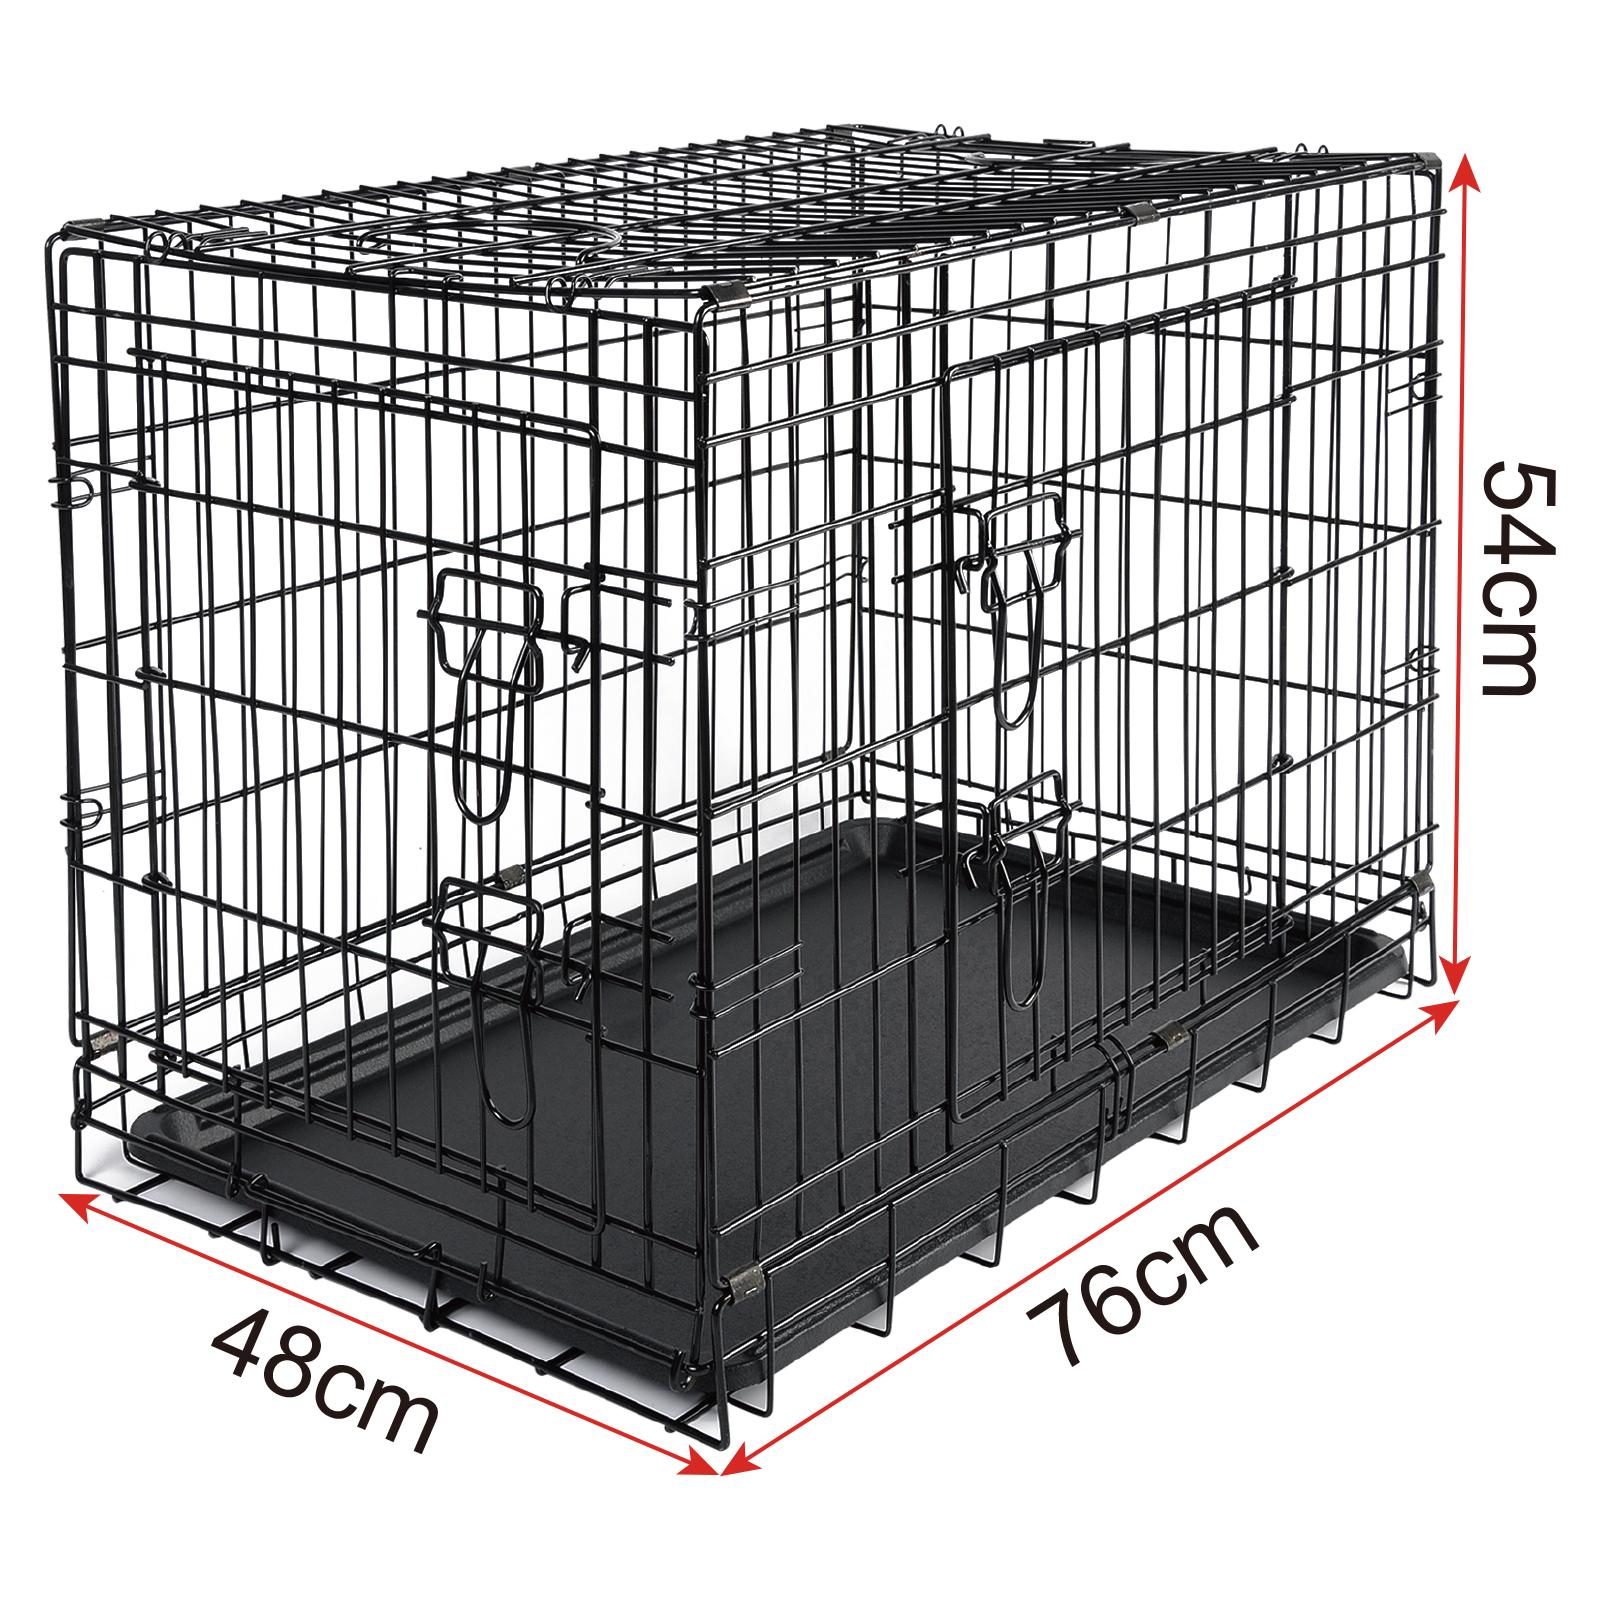 faltbare hundebox hundetransportbox metall transportbox katzen m ht2030m1 ebay. Black Bedroom Furniture Sets. Home Design Ideas